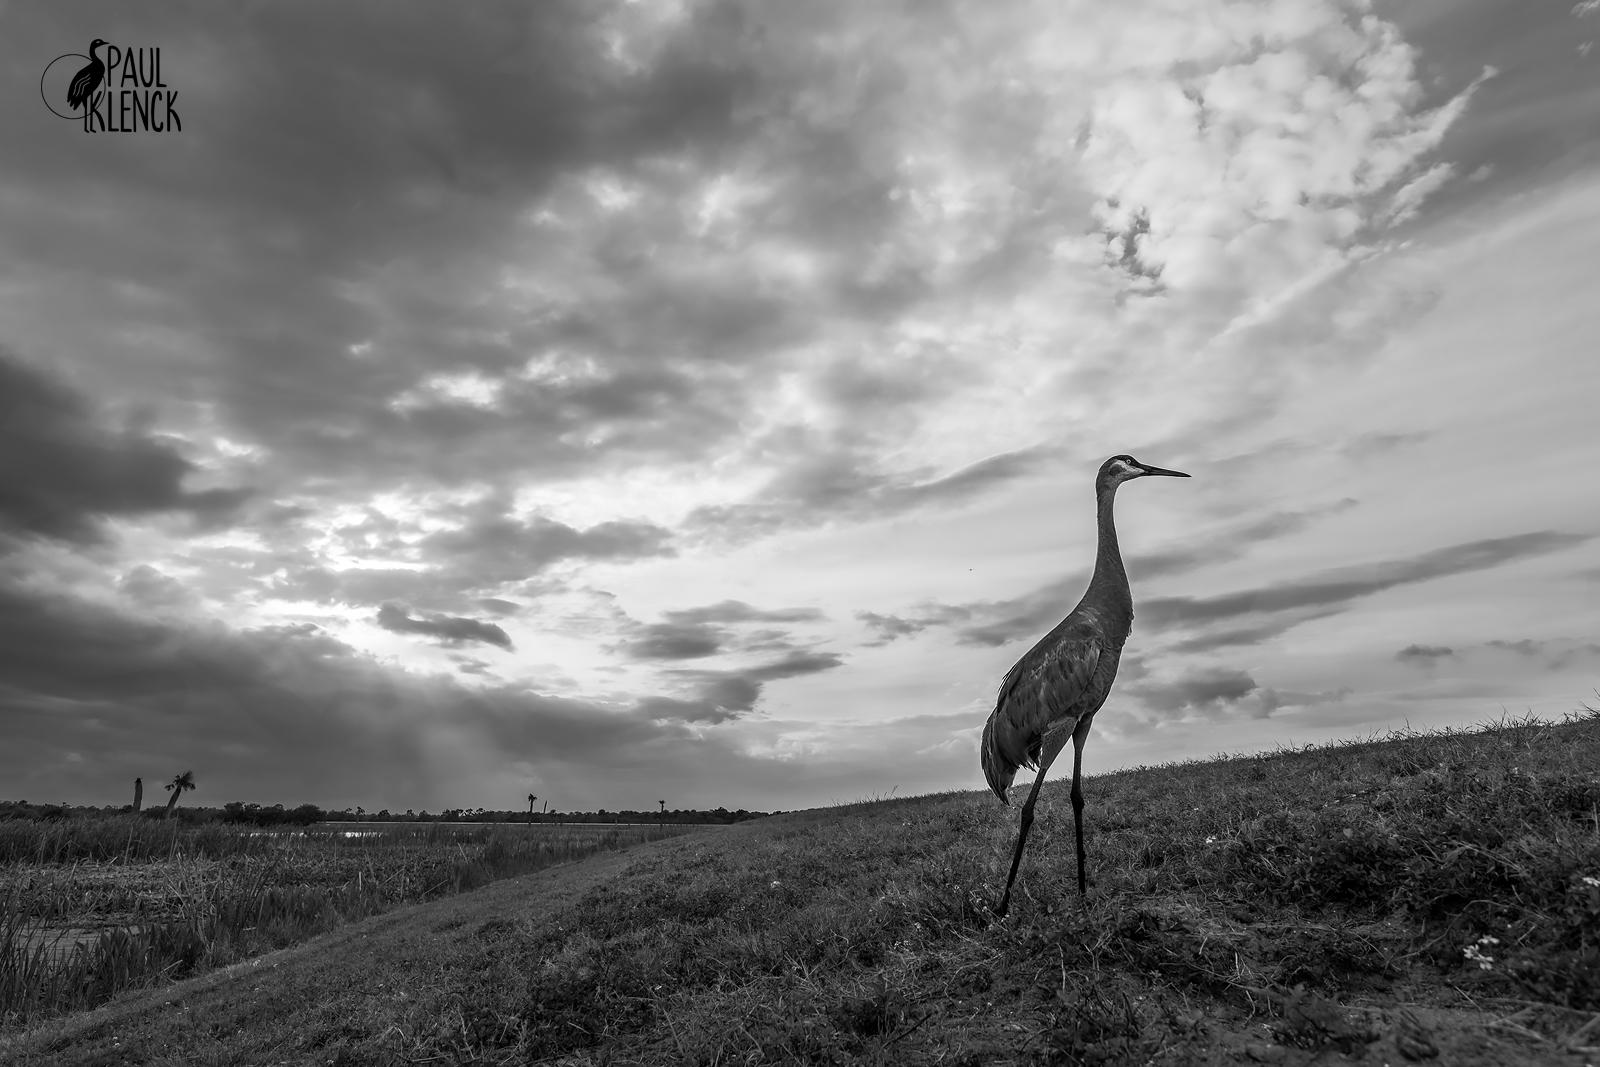 Sandhill Crane, Virgil Grissom Wetlands, Florida